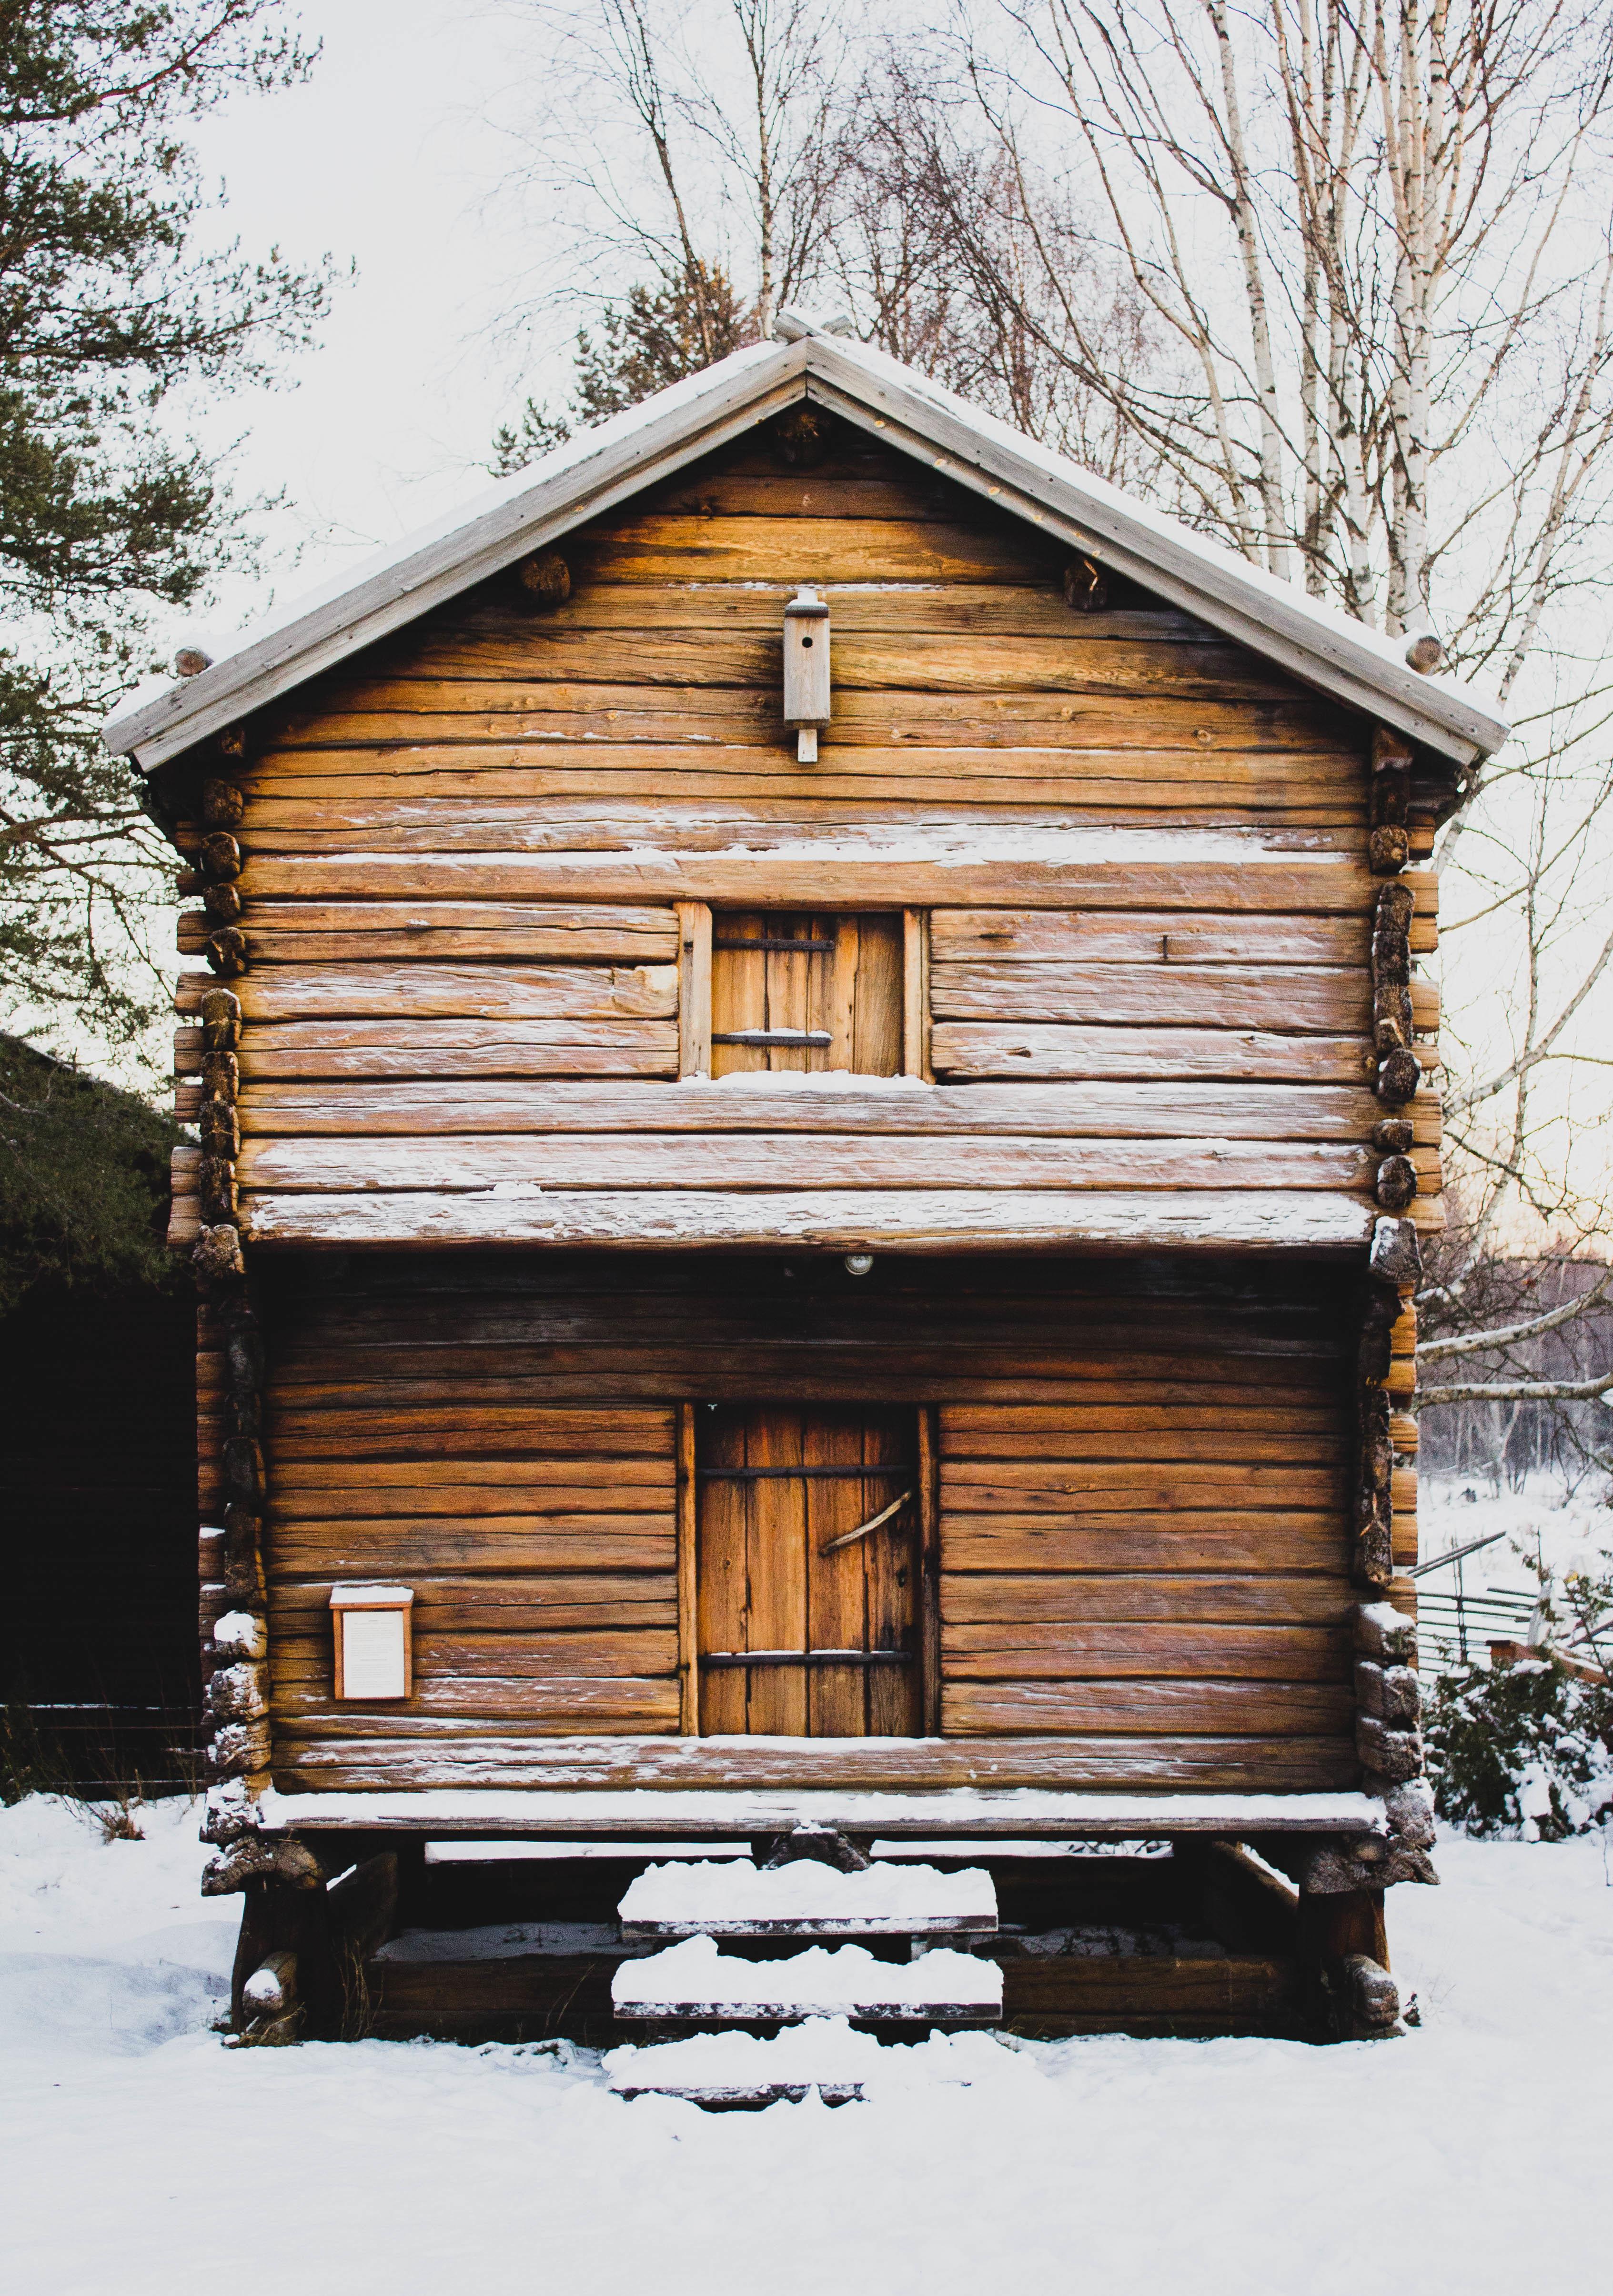 Fotos gratis : nieve, invierno, casa, ventana, edificio, granero ...